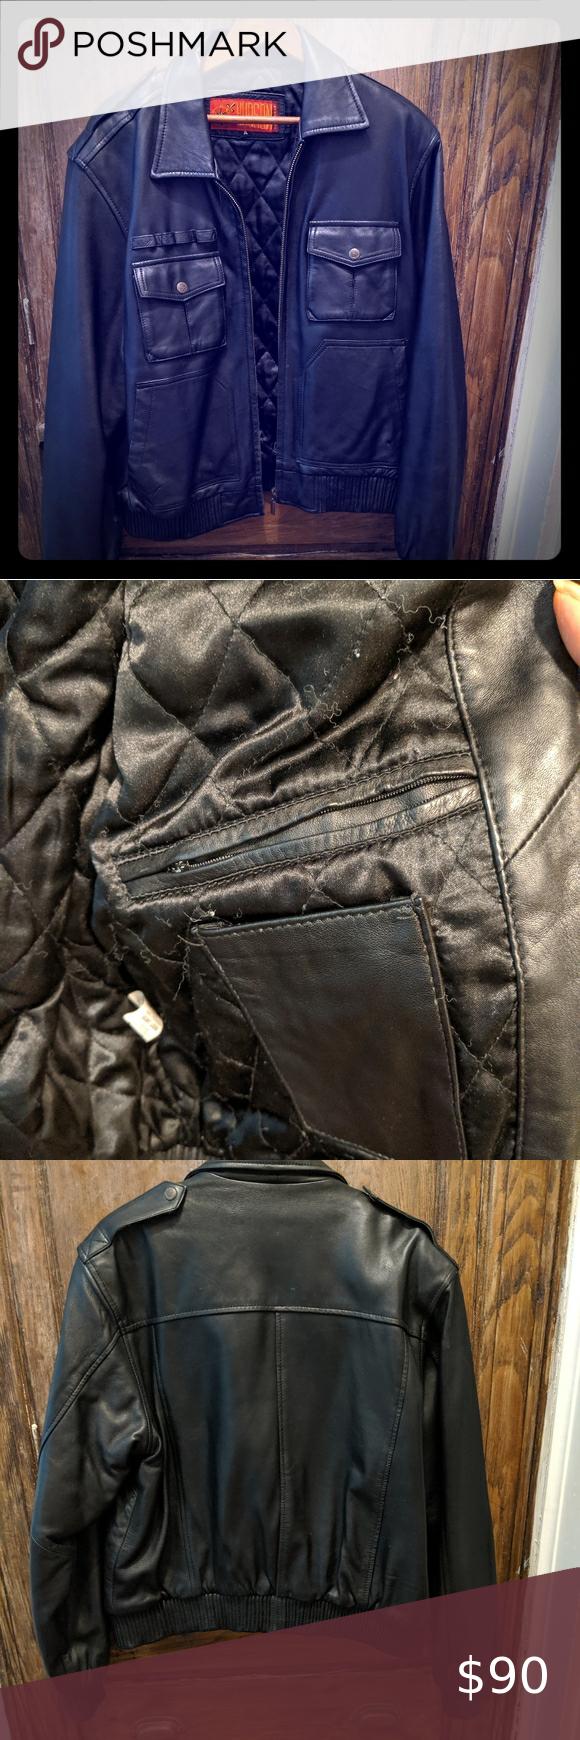 Hudson Leather Jacket Leather Jacket Jackets Leather [ 1740 x 580 Pixel ]